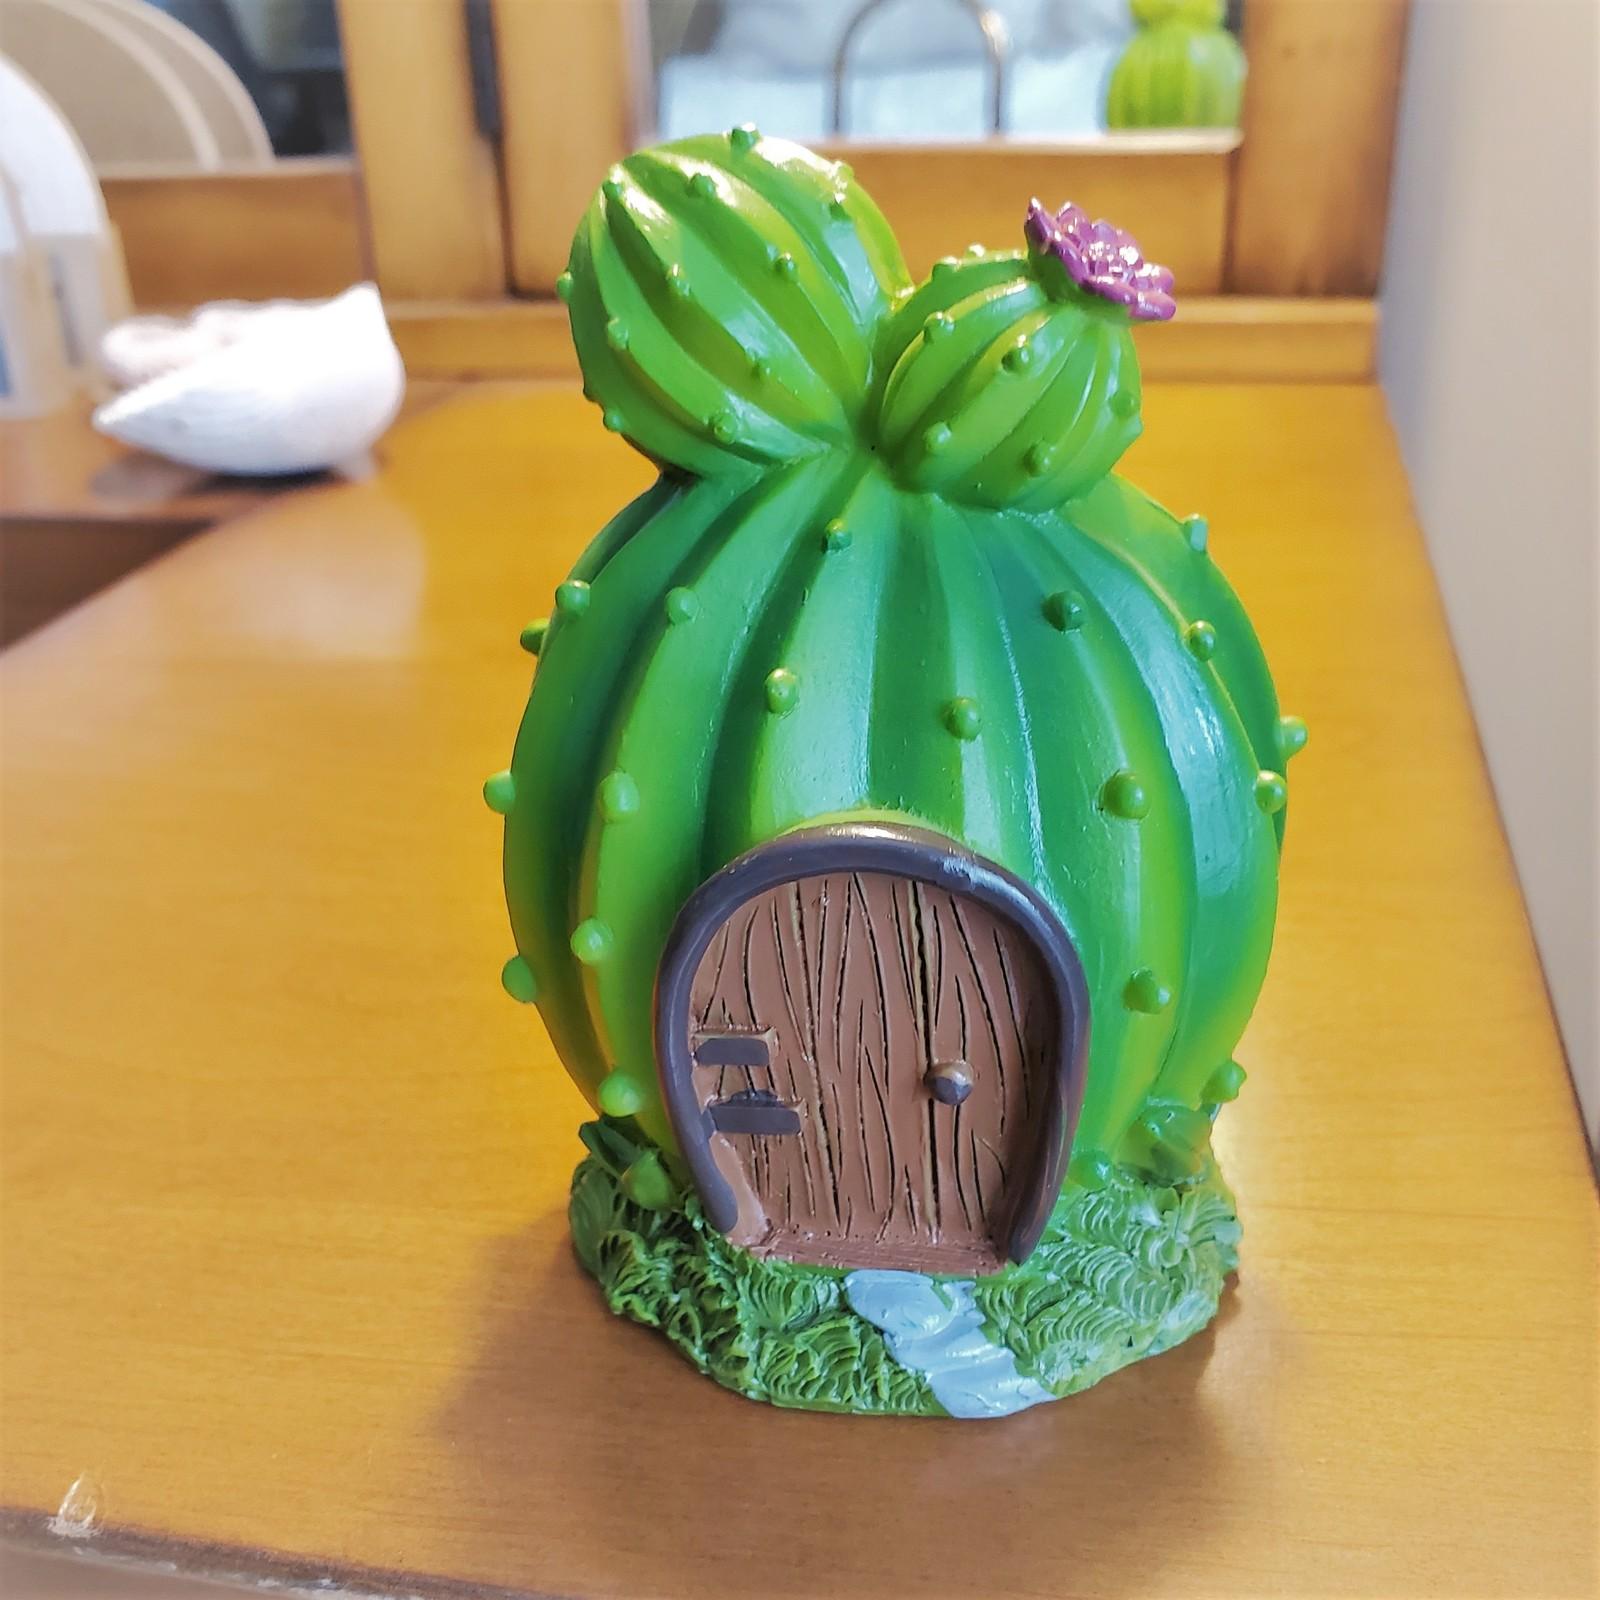 Fairyhousecactus 1